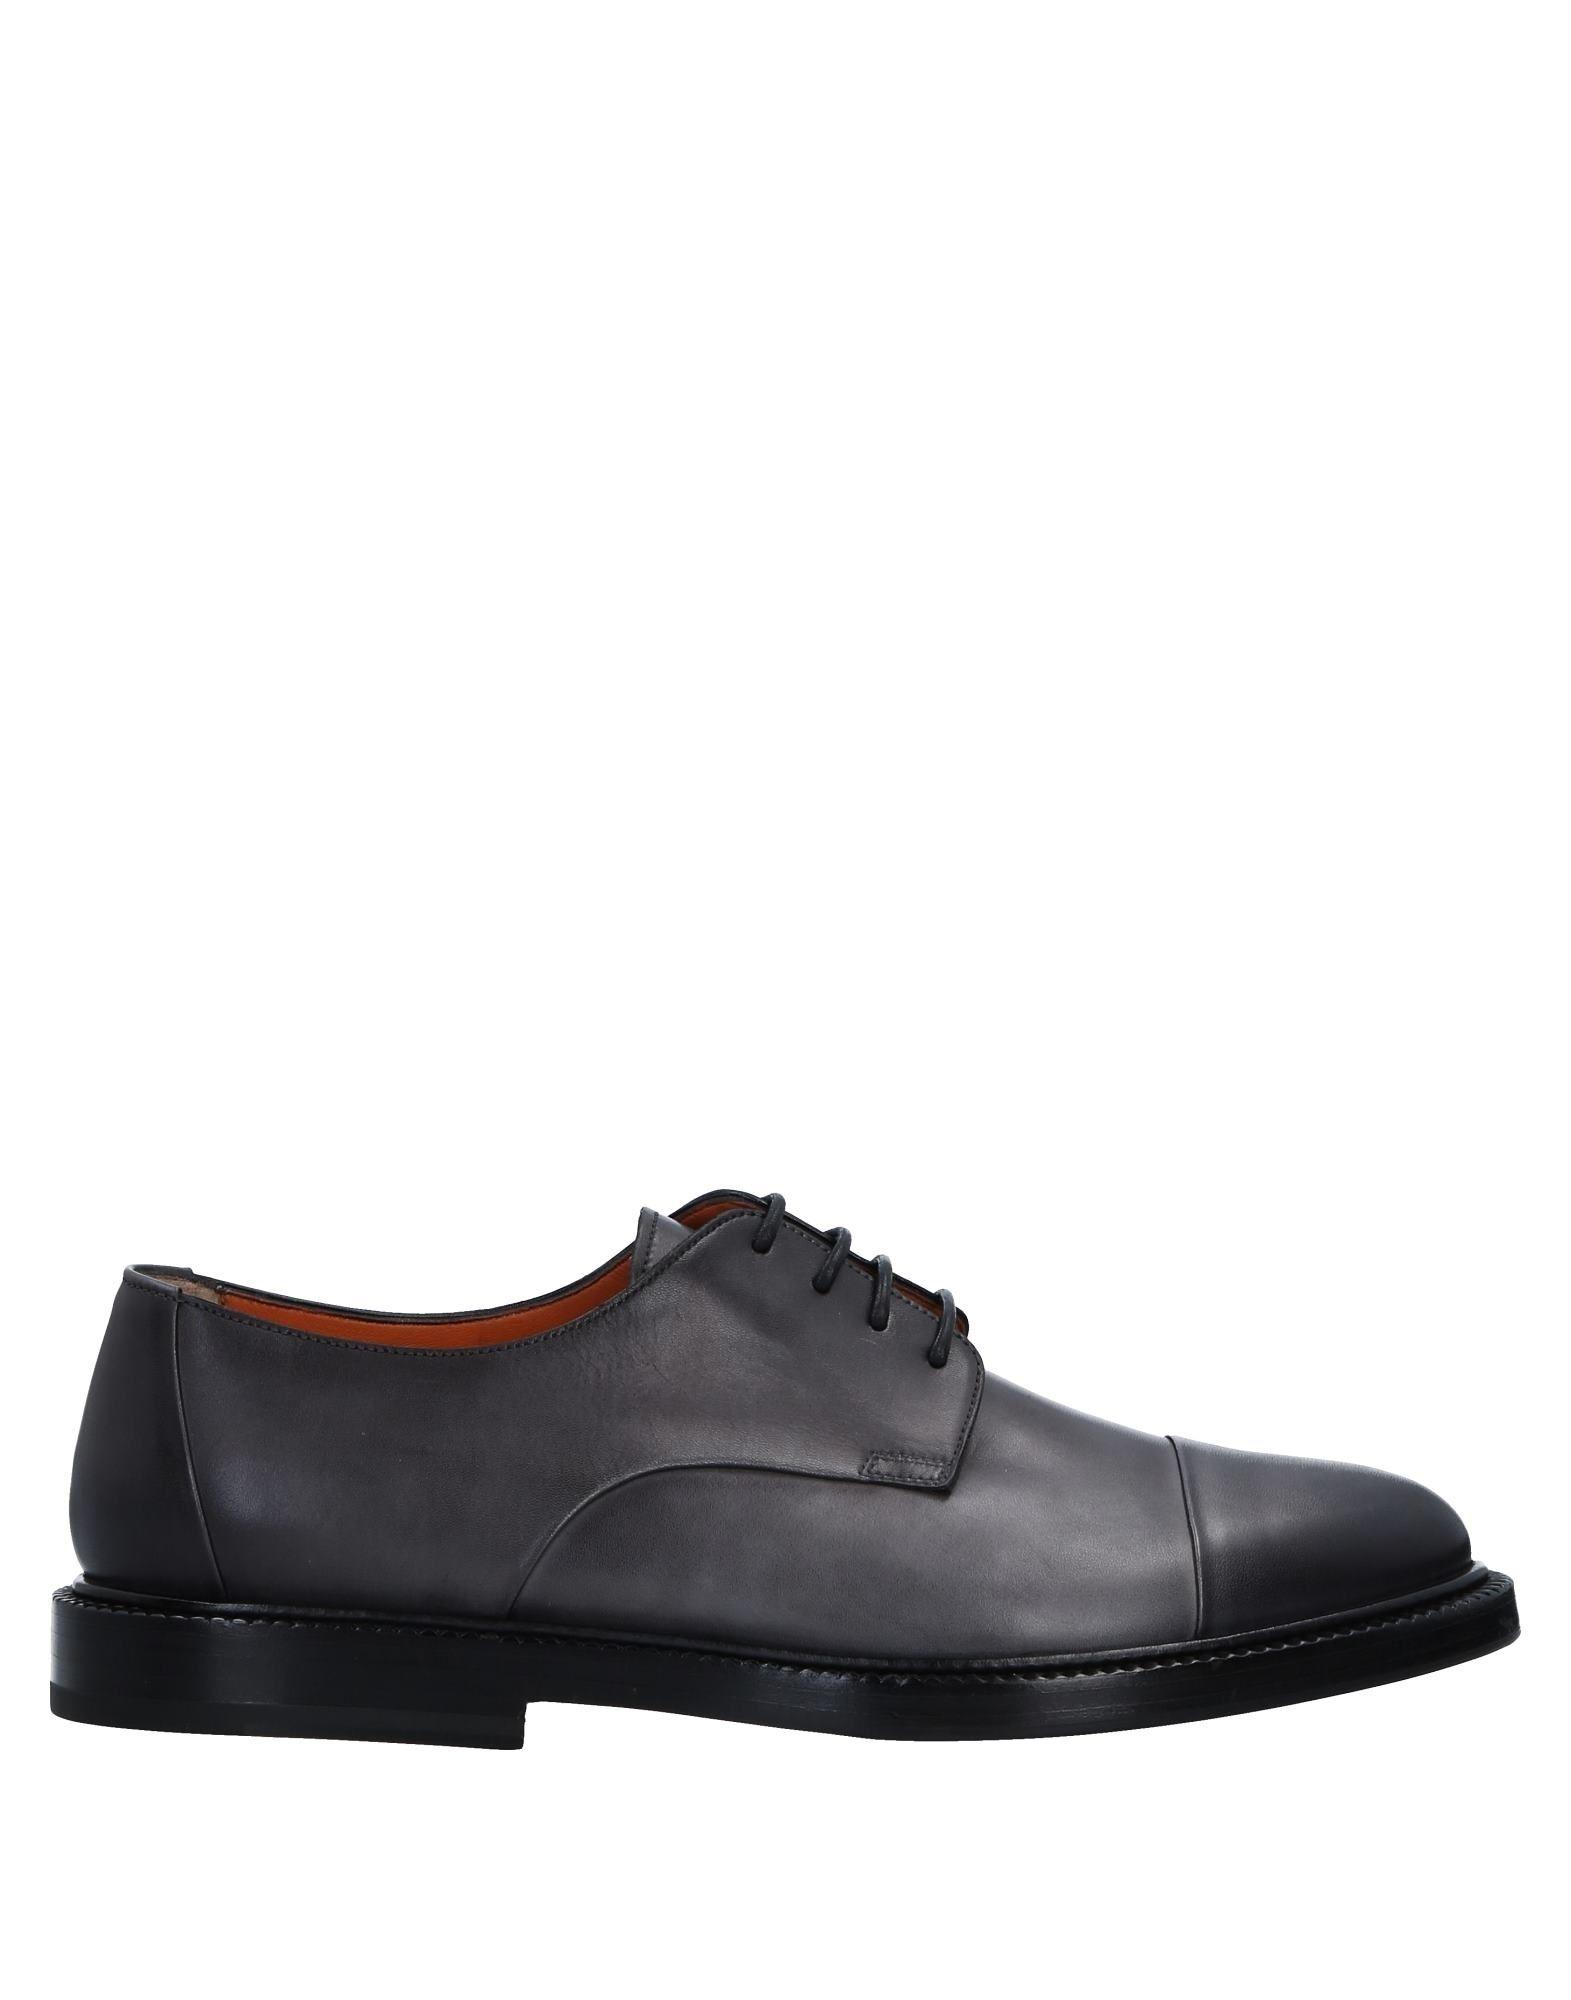 Santoni Schnürschuhe Herren  11541365WE Gute Qualität beliebte Schuhe